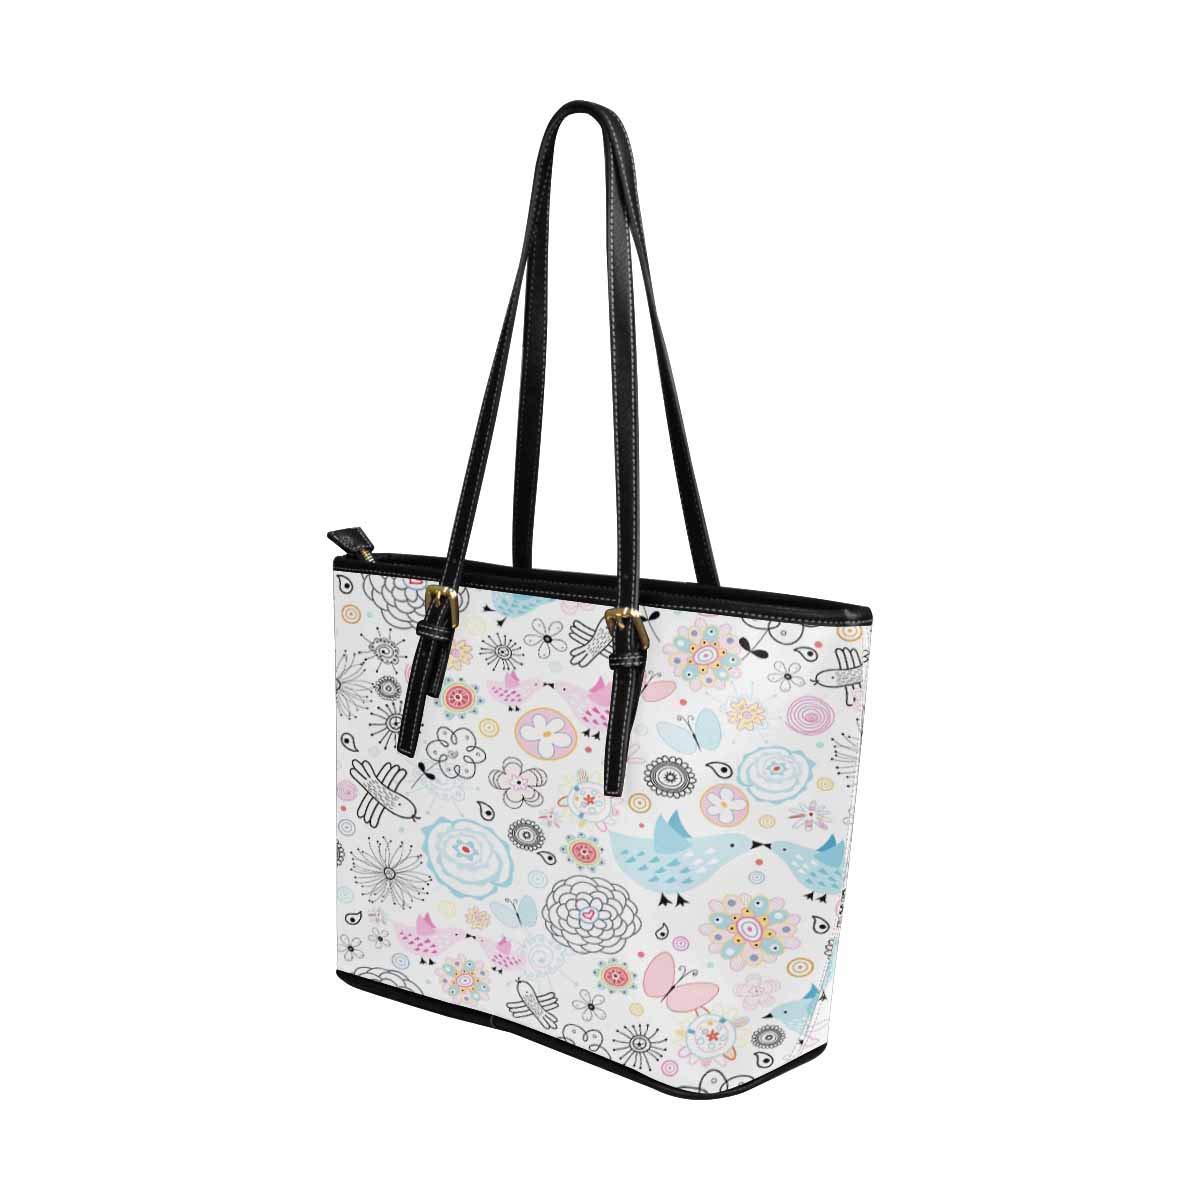 Selina-Jayne Dolphins Limited Edition Designer Tote Bag